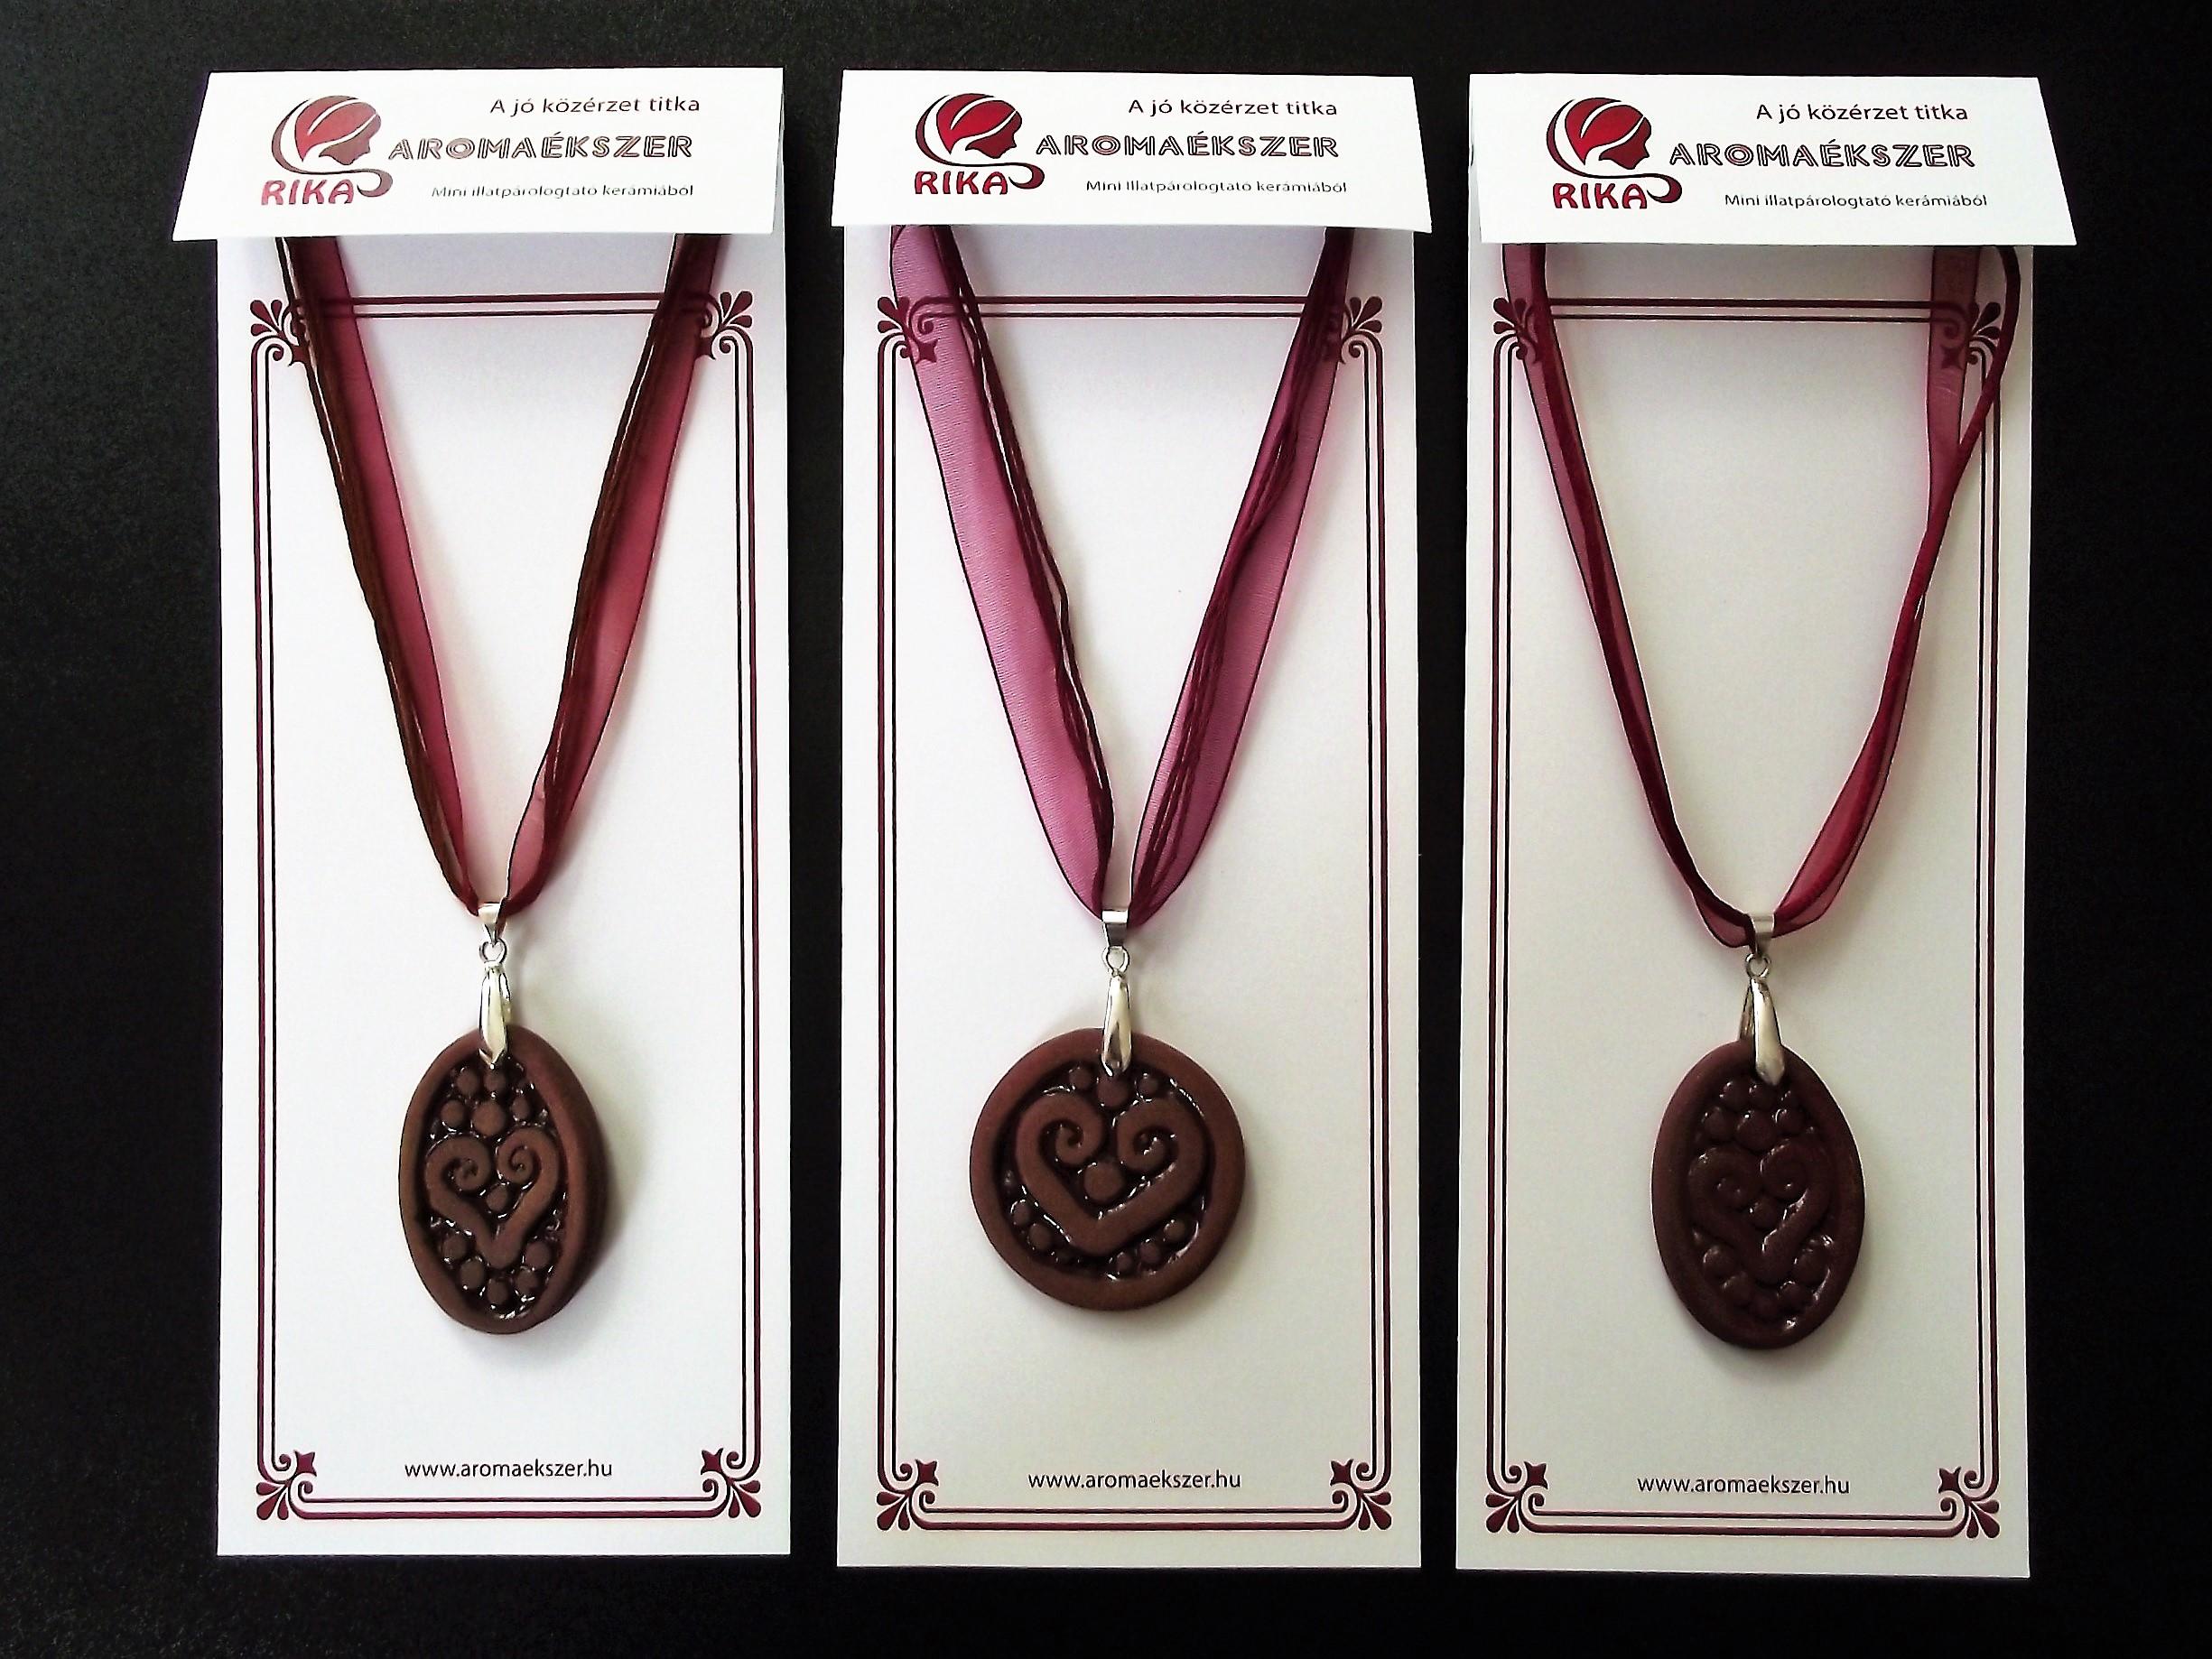 Organza szalagos nyakláncalapok RIKA AromaÉkszer medálokhoz